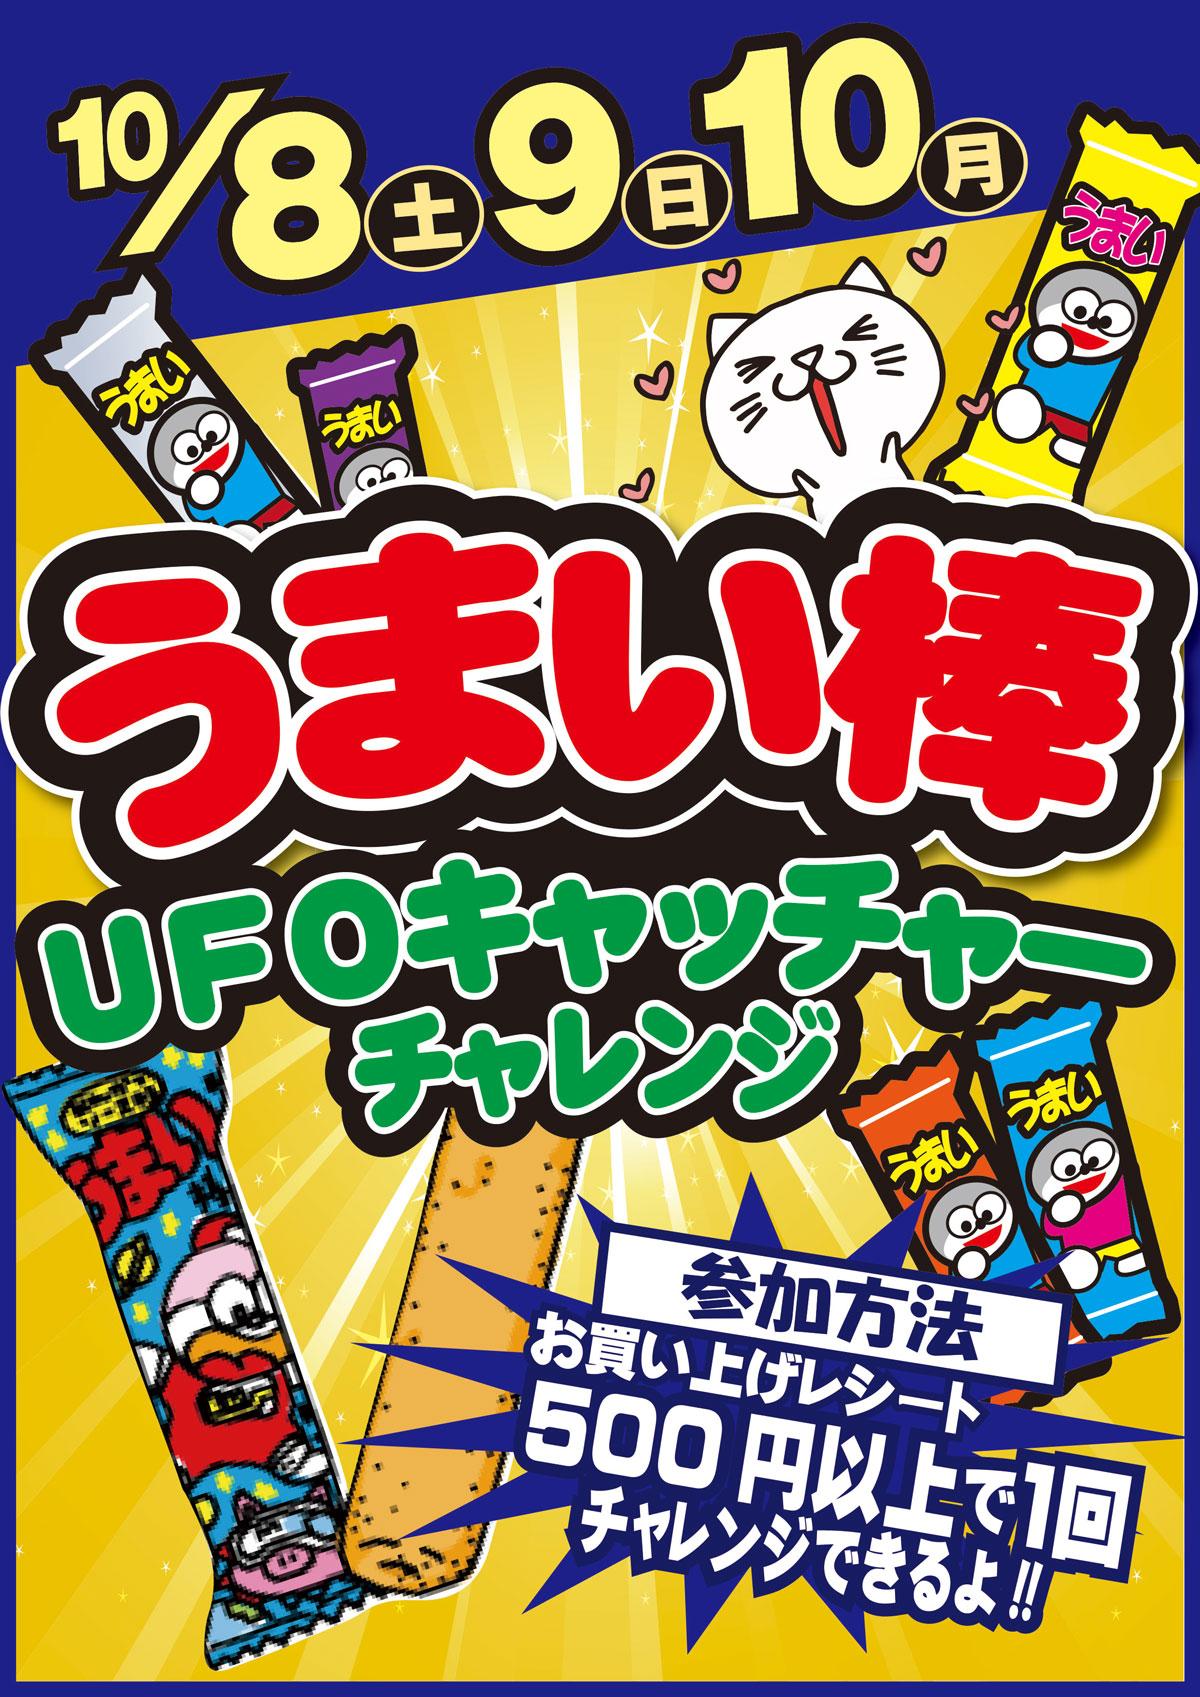 「開放倉庫桜井店」10月8/9/10日はUFOキャッチャーチャレンジ!